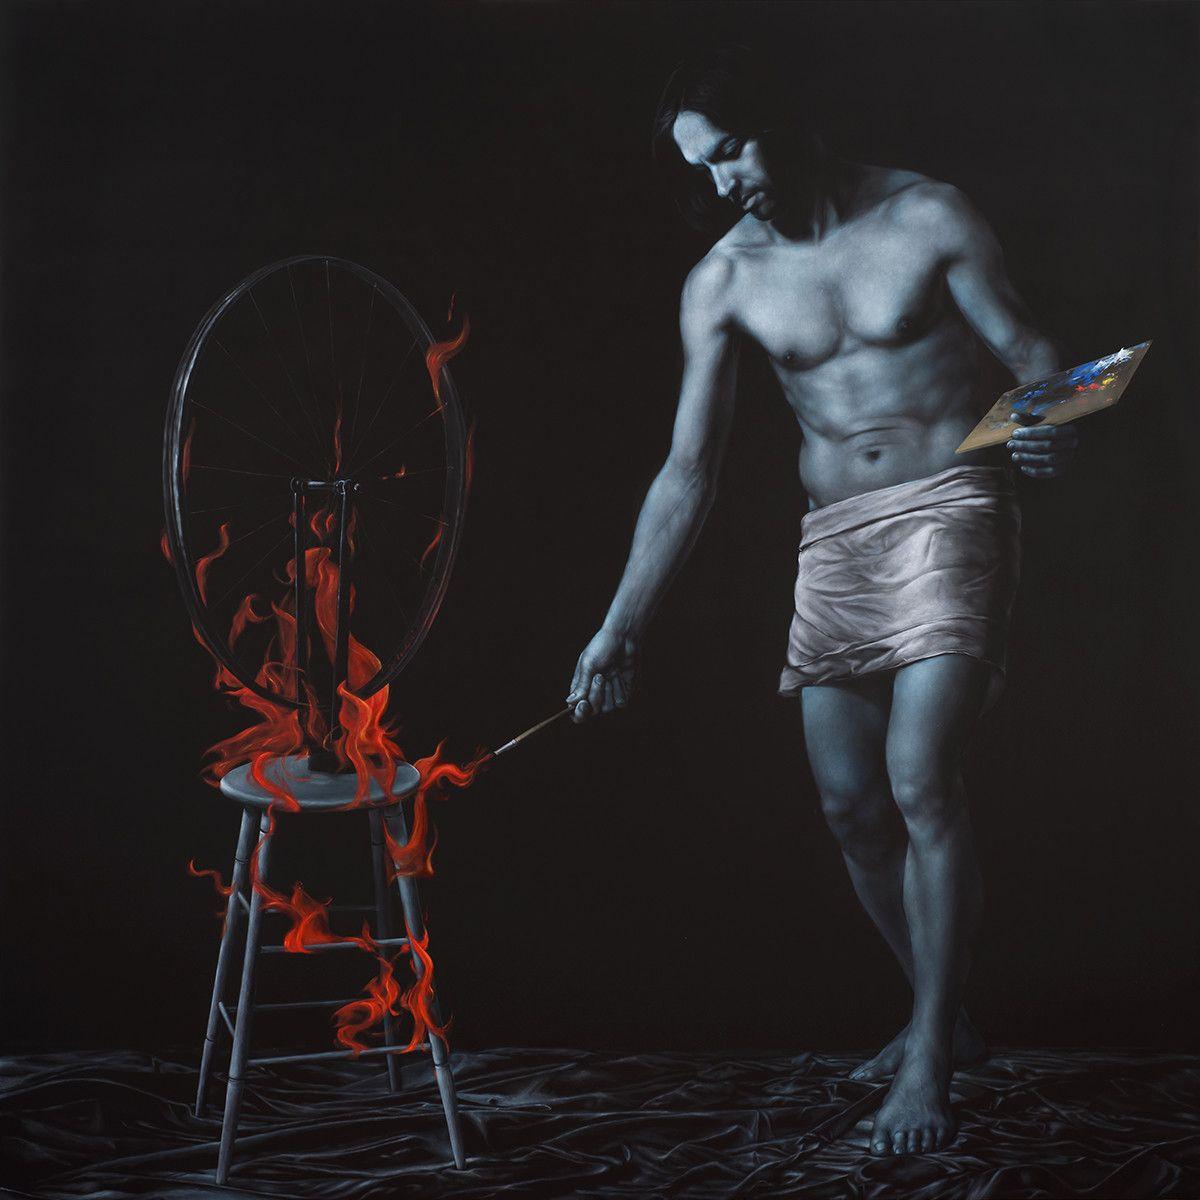 """OLIO SU TELA FRANCESCO VERDI """" IL FUOCO DELL'ARTE """" dimensioni L 180 x H 180 cm."""